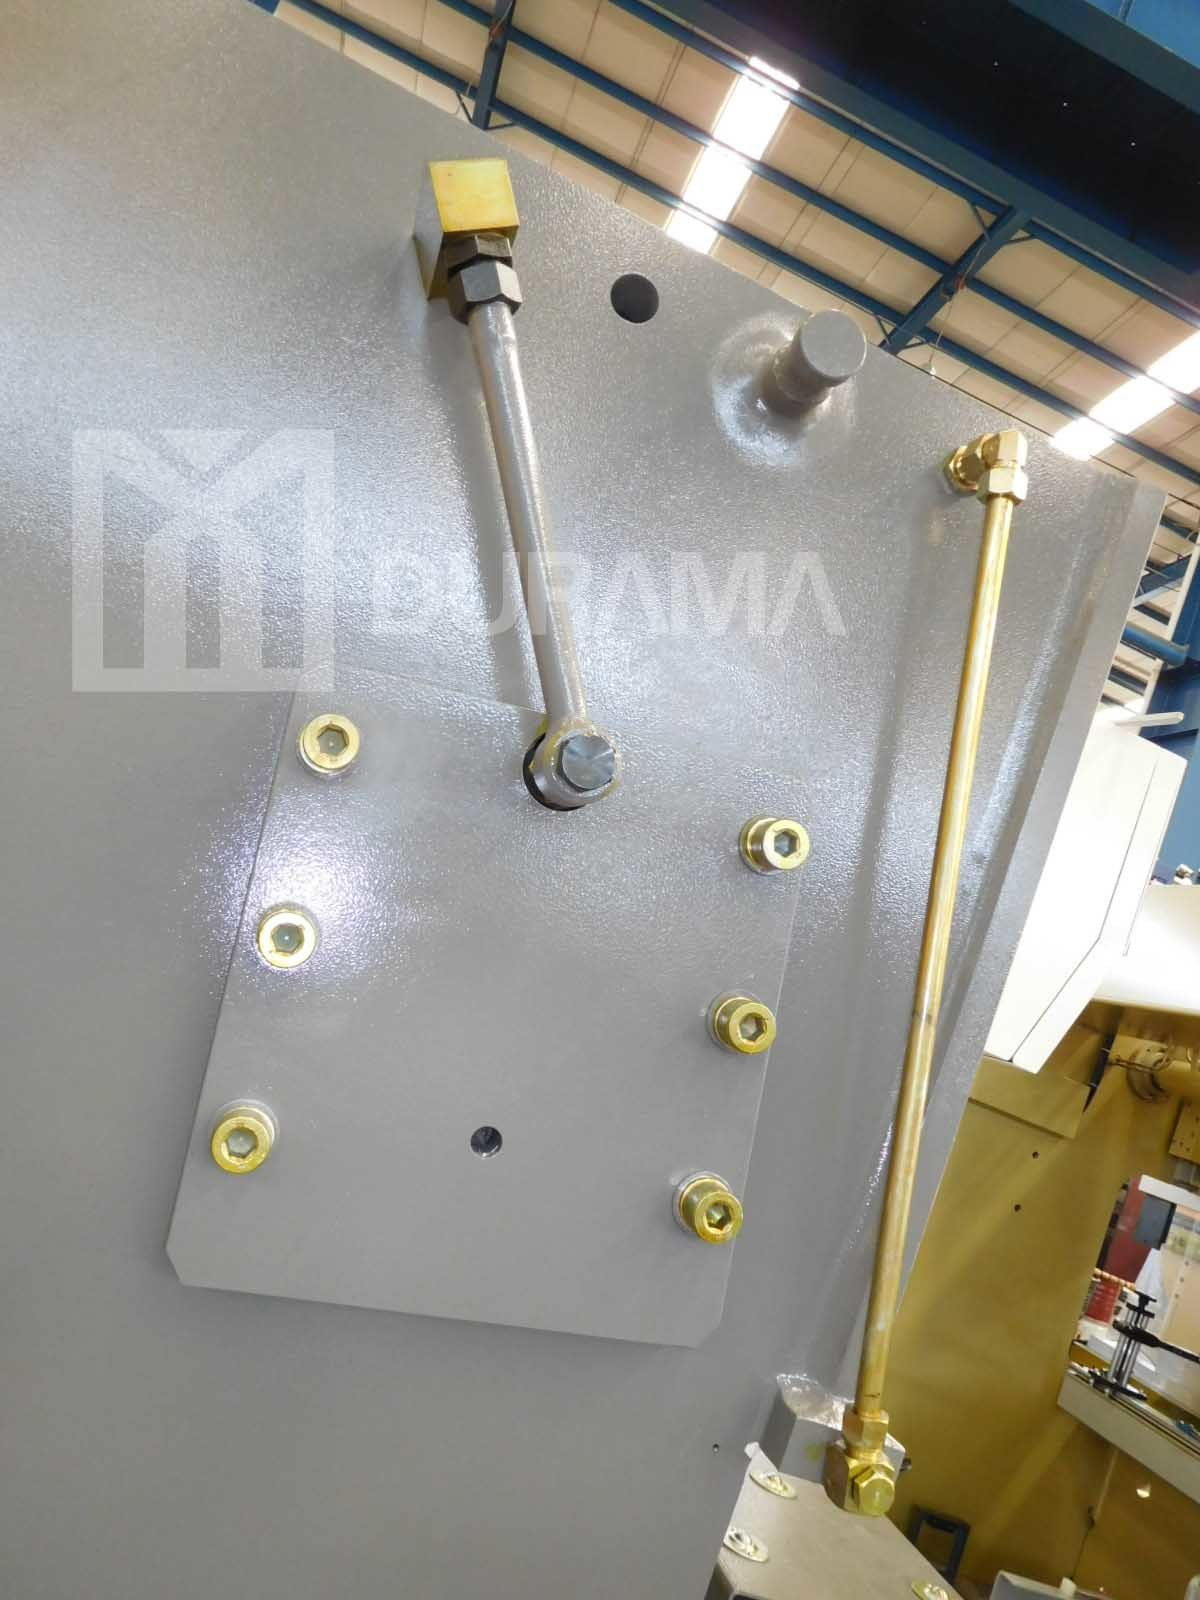 Nc Hydraulic Shearing Machine, Sheet Metal Plate Cutting Machine, Swing Beam Shearing Machine